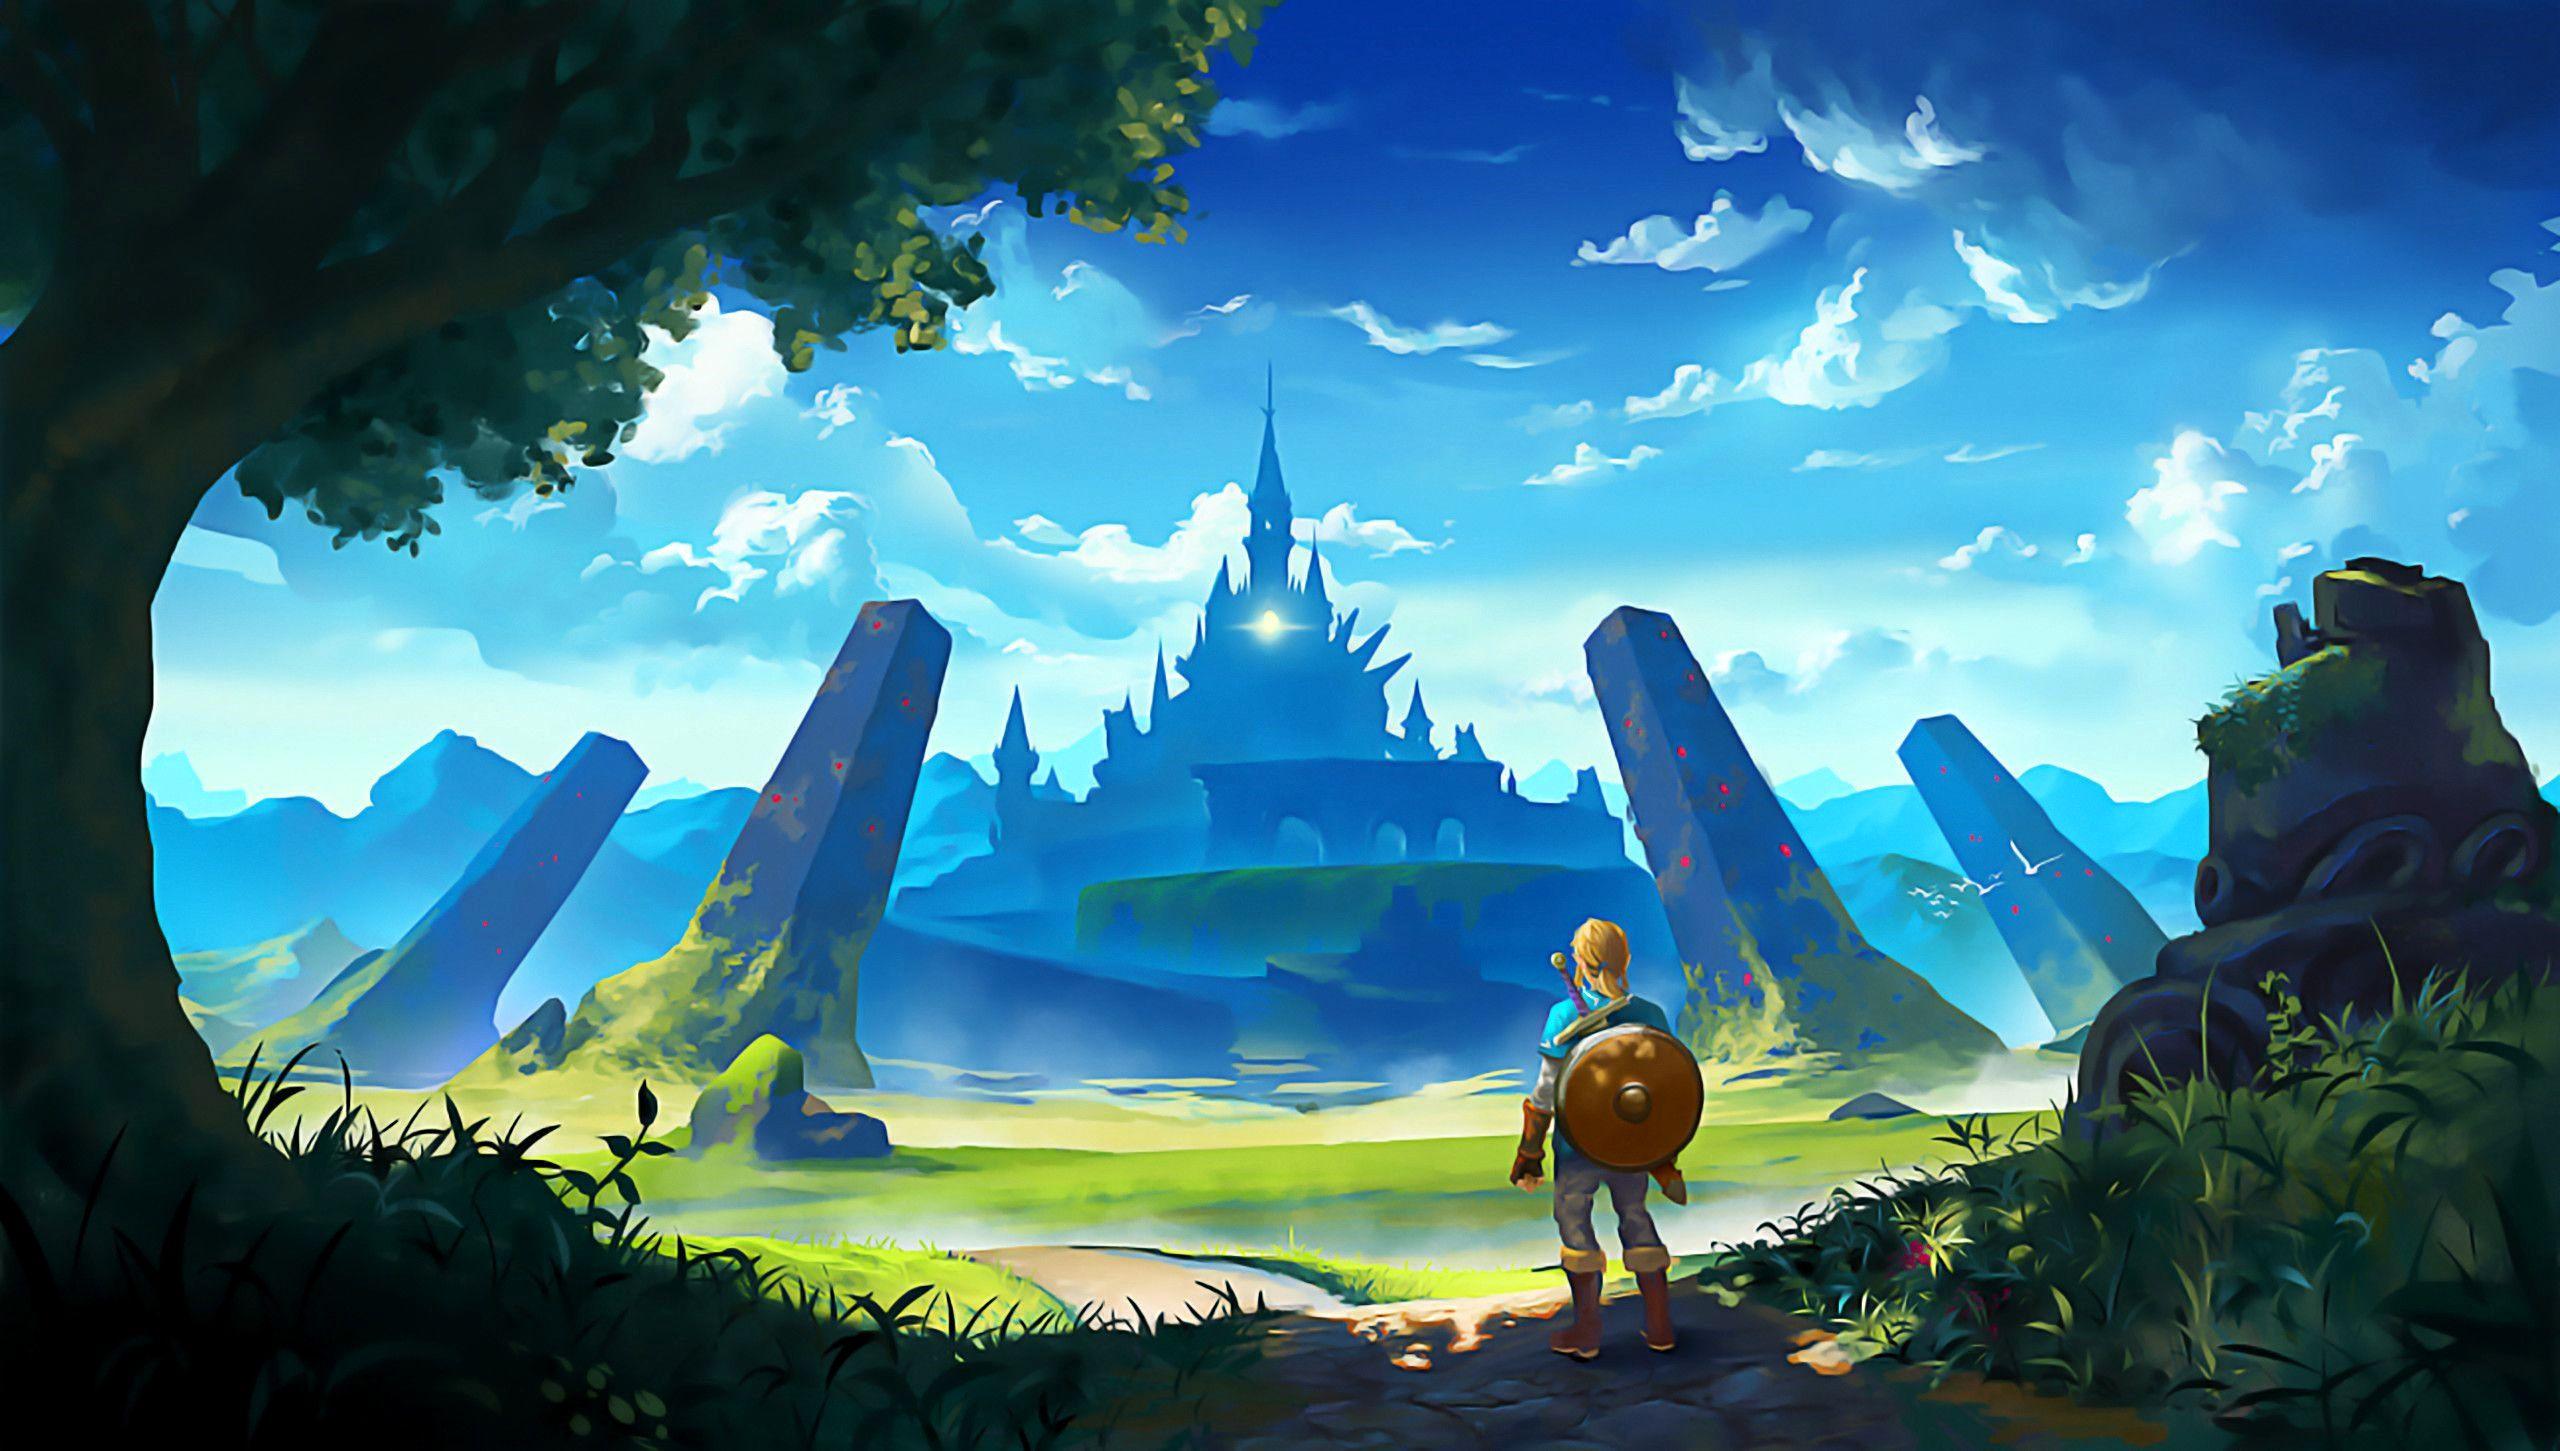 Zelda Wallpaper 4k Pc Ideas The Legend Of Zelda Breath Of The Wild Bilder